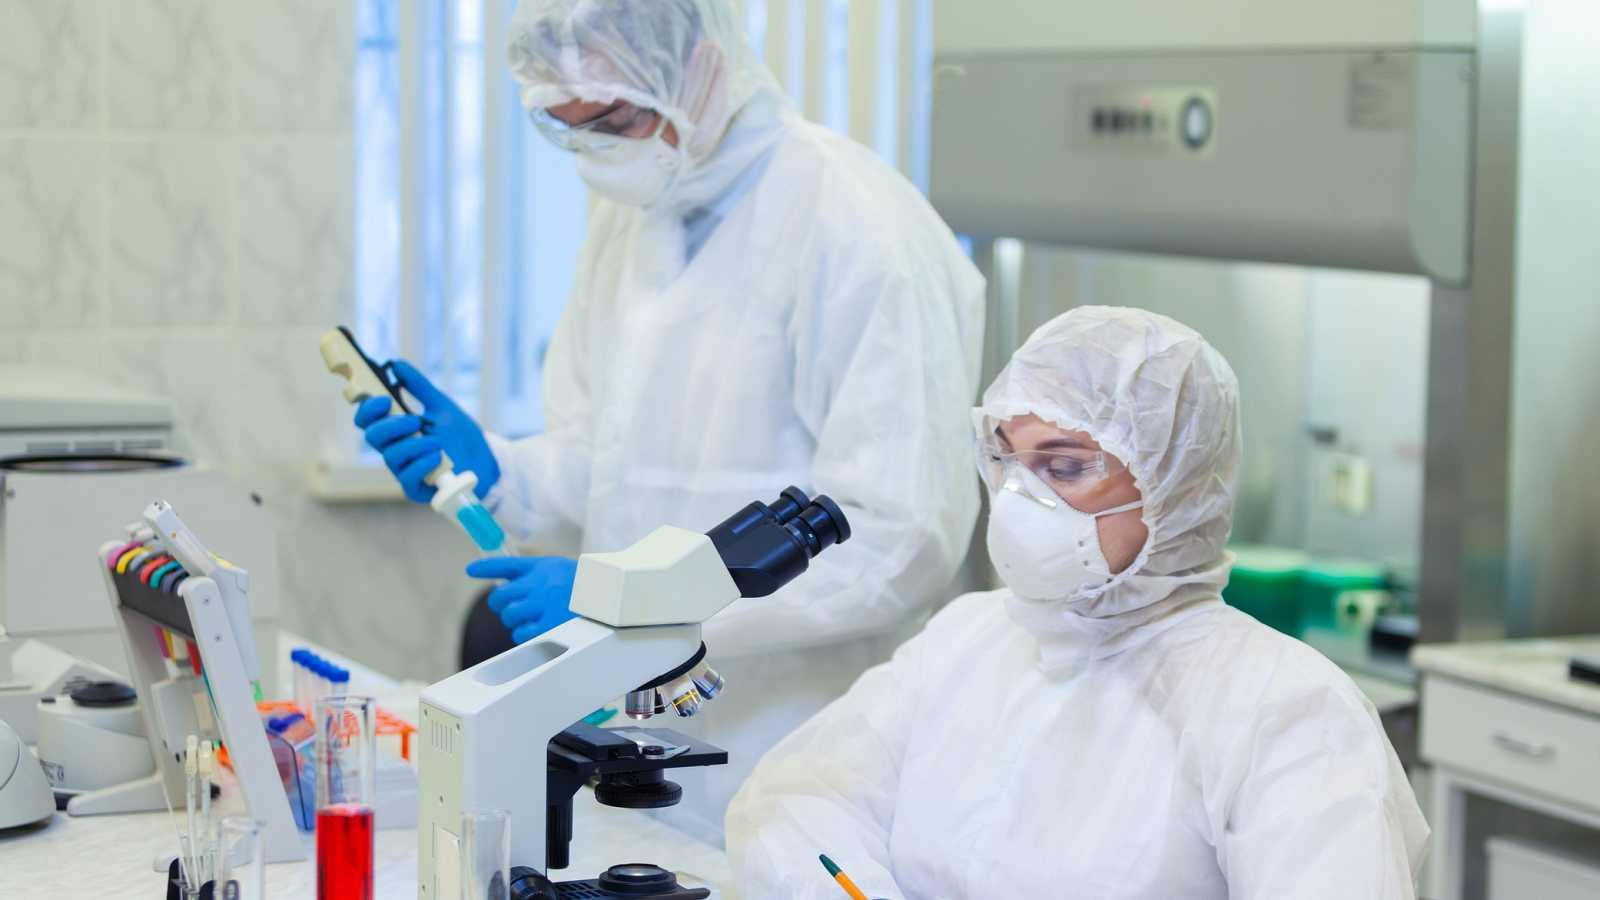 El Consejo de Ministros ha aprobado este martes una autorización especial para la construcción en los laboratorios españoles de virus recombinantes basados en el genoma del SARS-CoV-2, el virus que causa la enfermedad COVID-19. Además, se ha ampliado